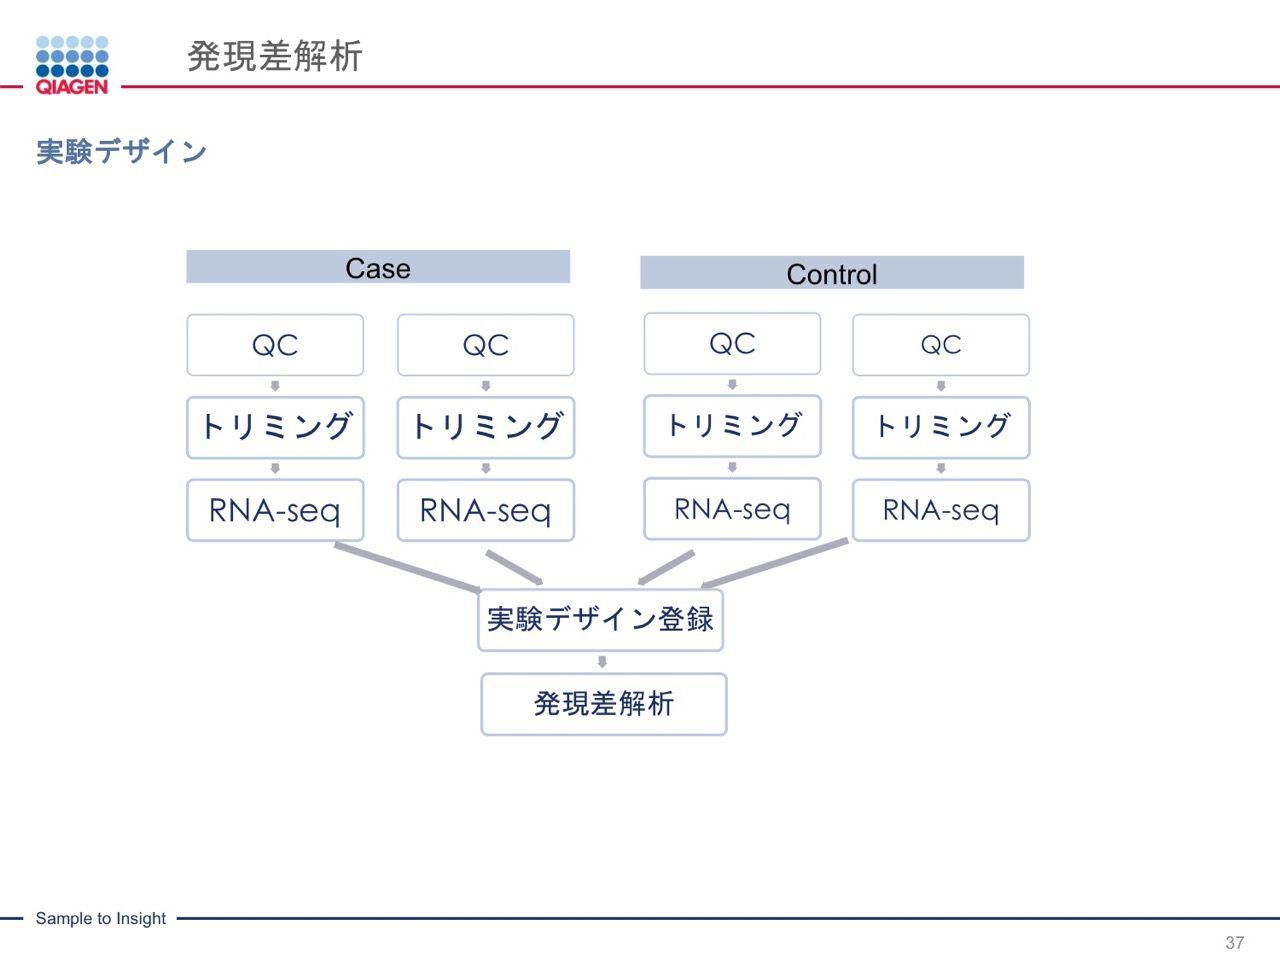 images/AJACSa2_miyamoto_037.jpg